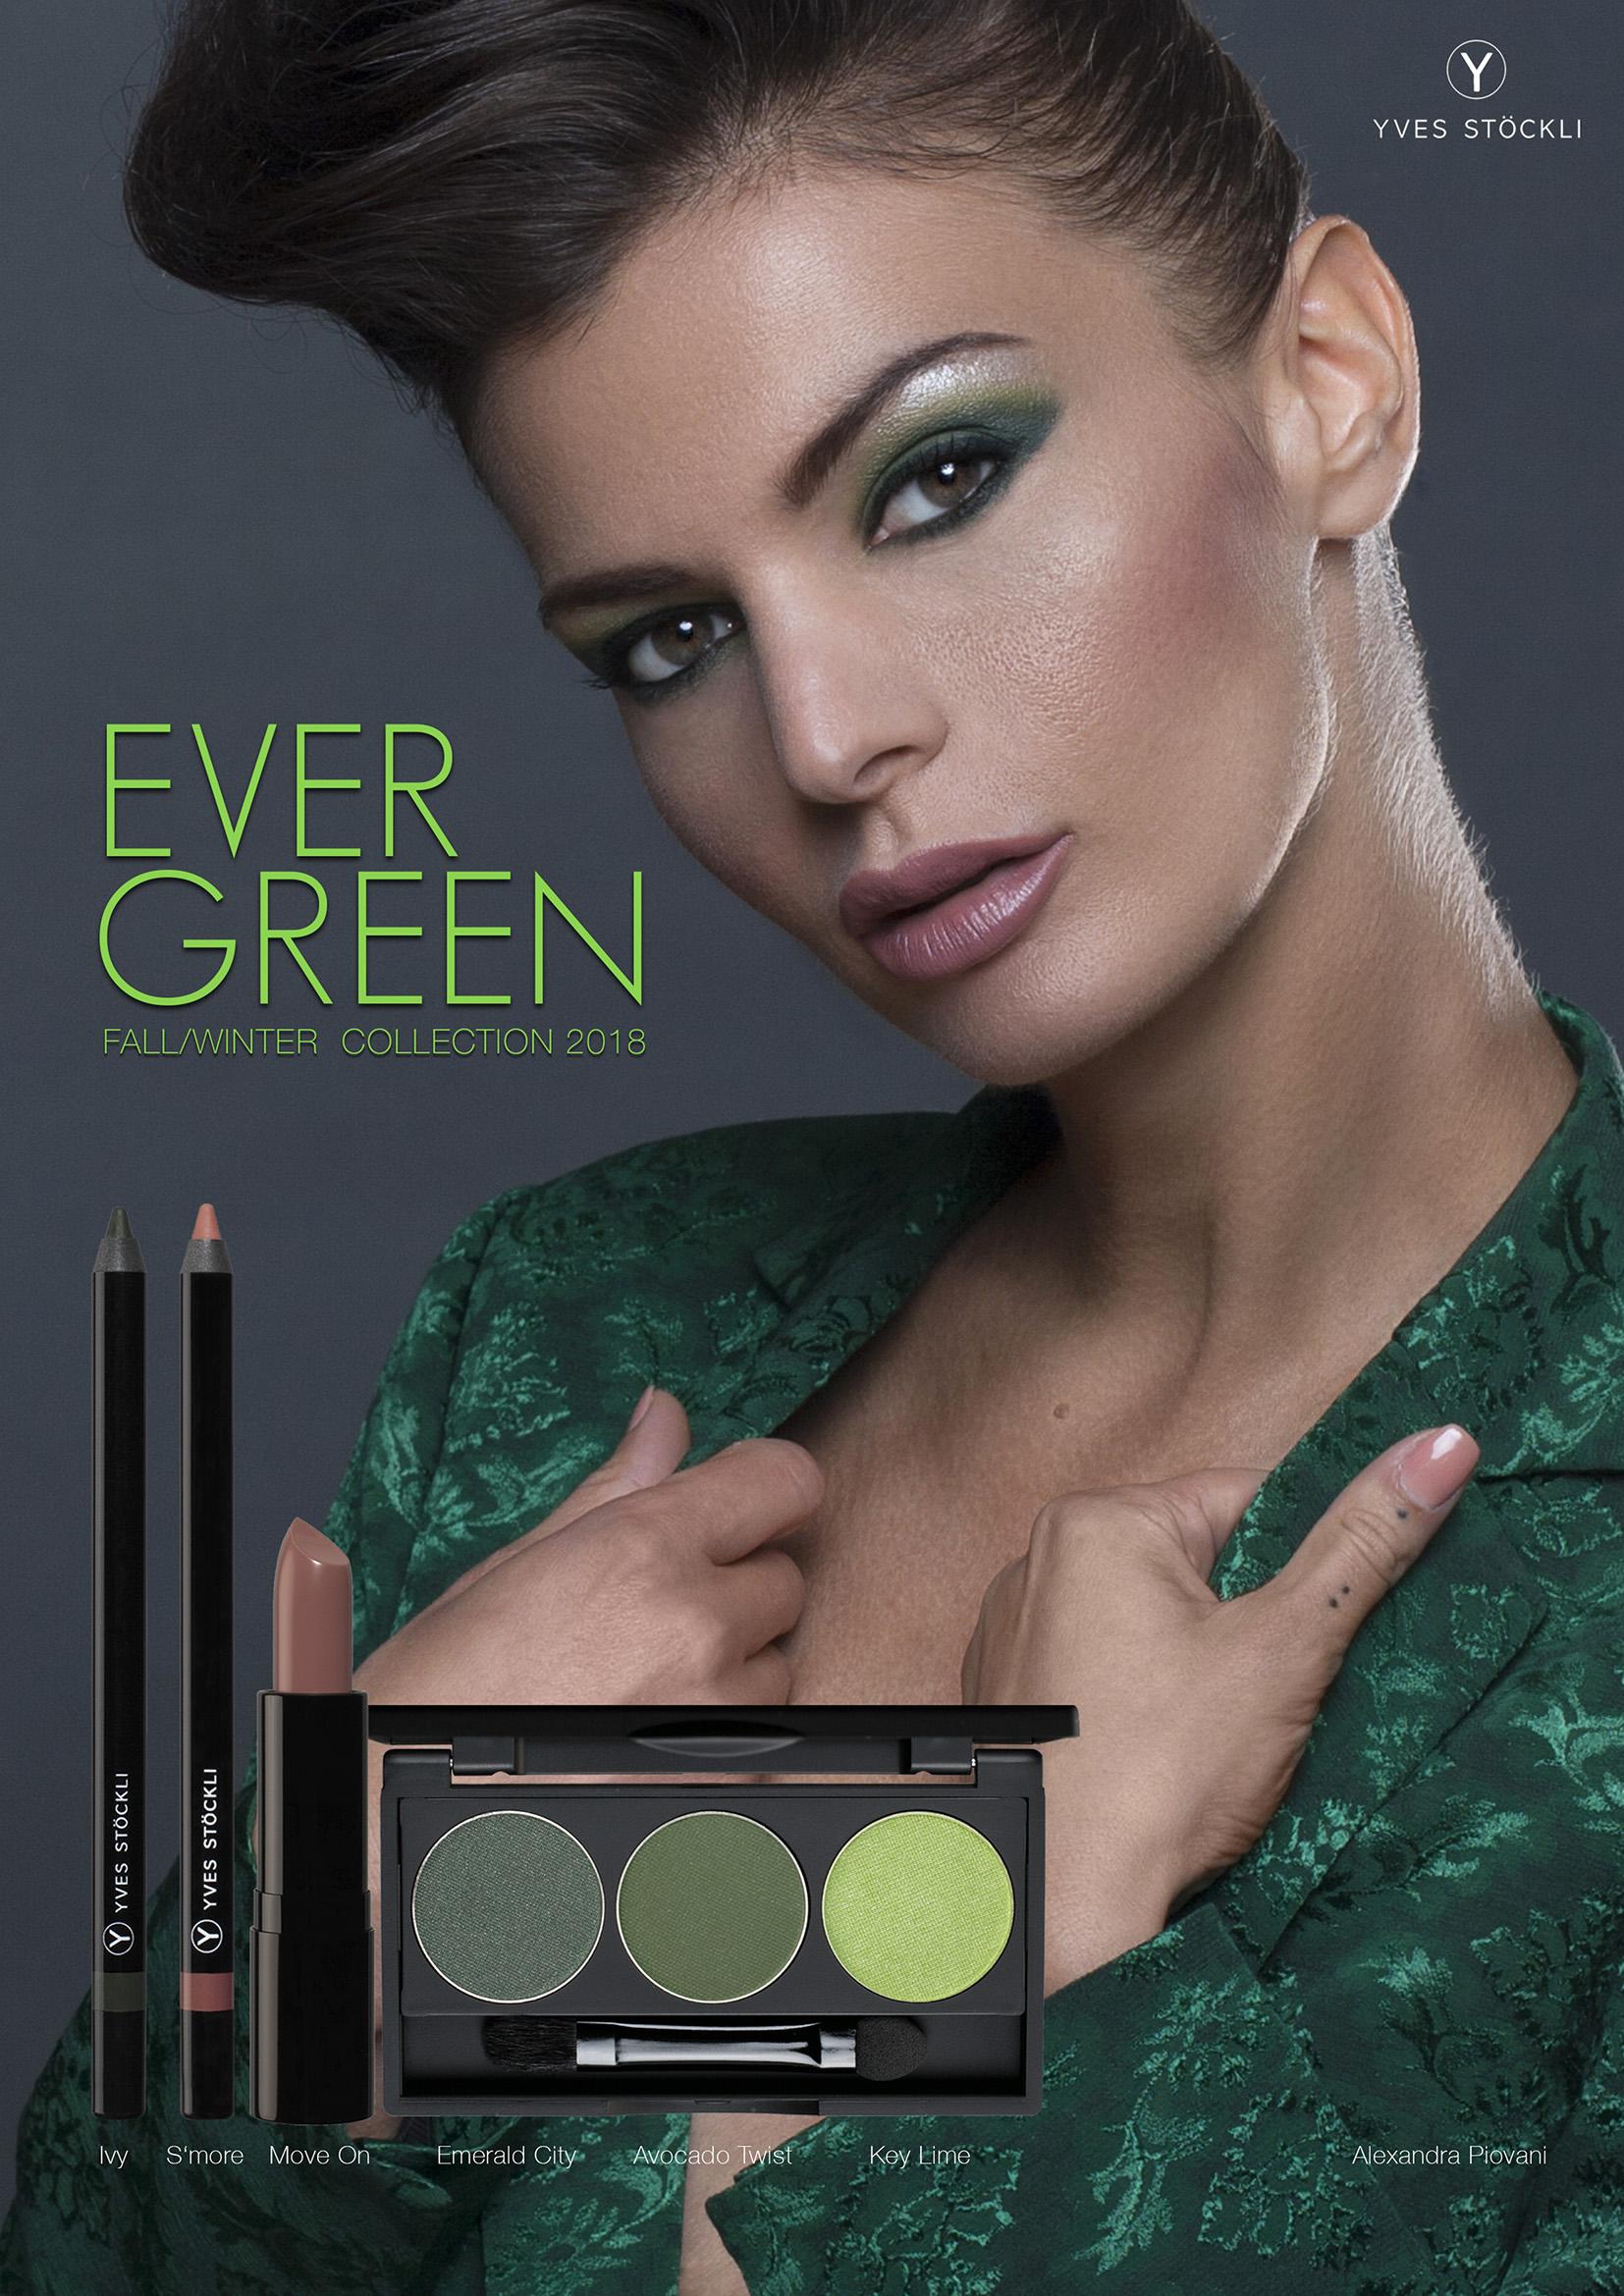 YVES STÖCKLI Makeup